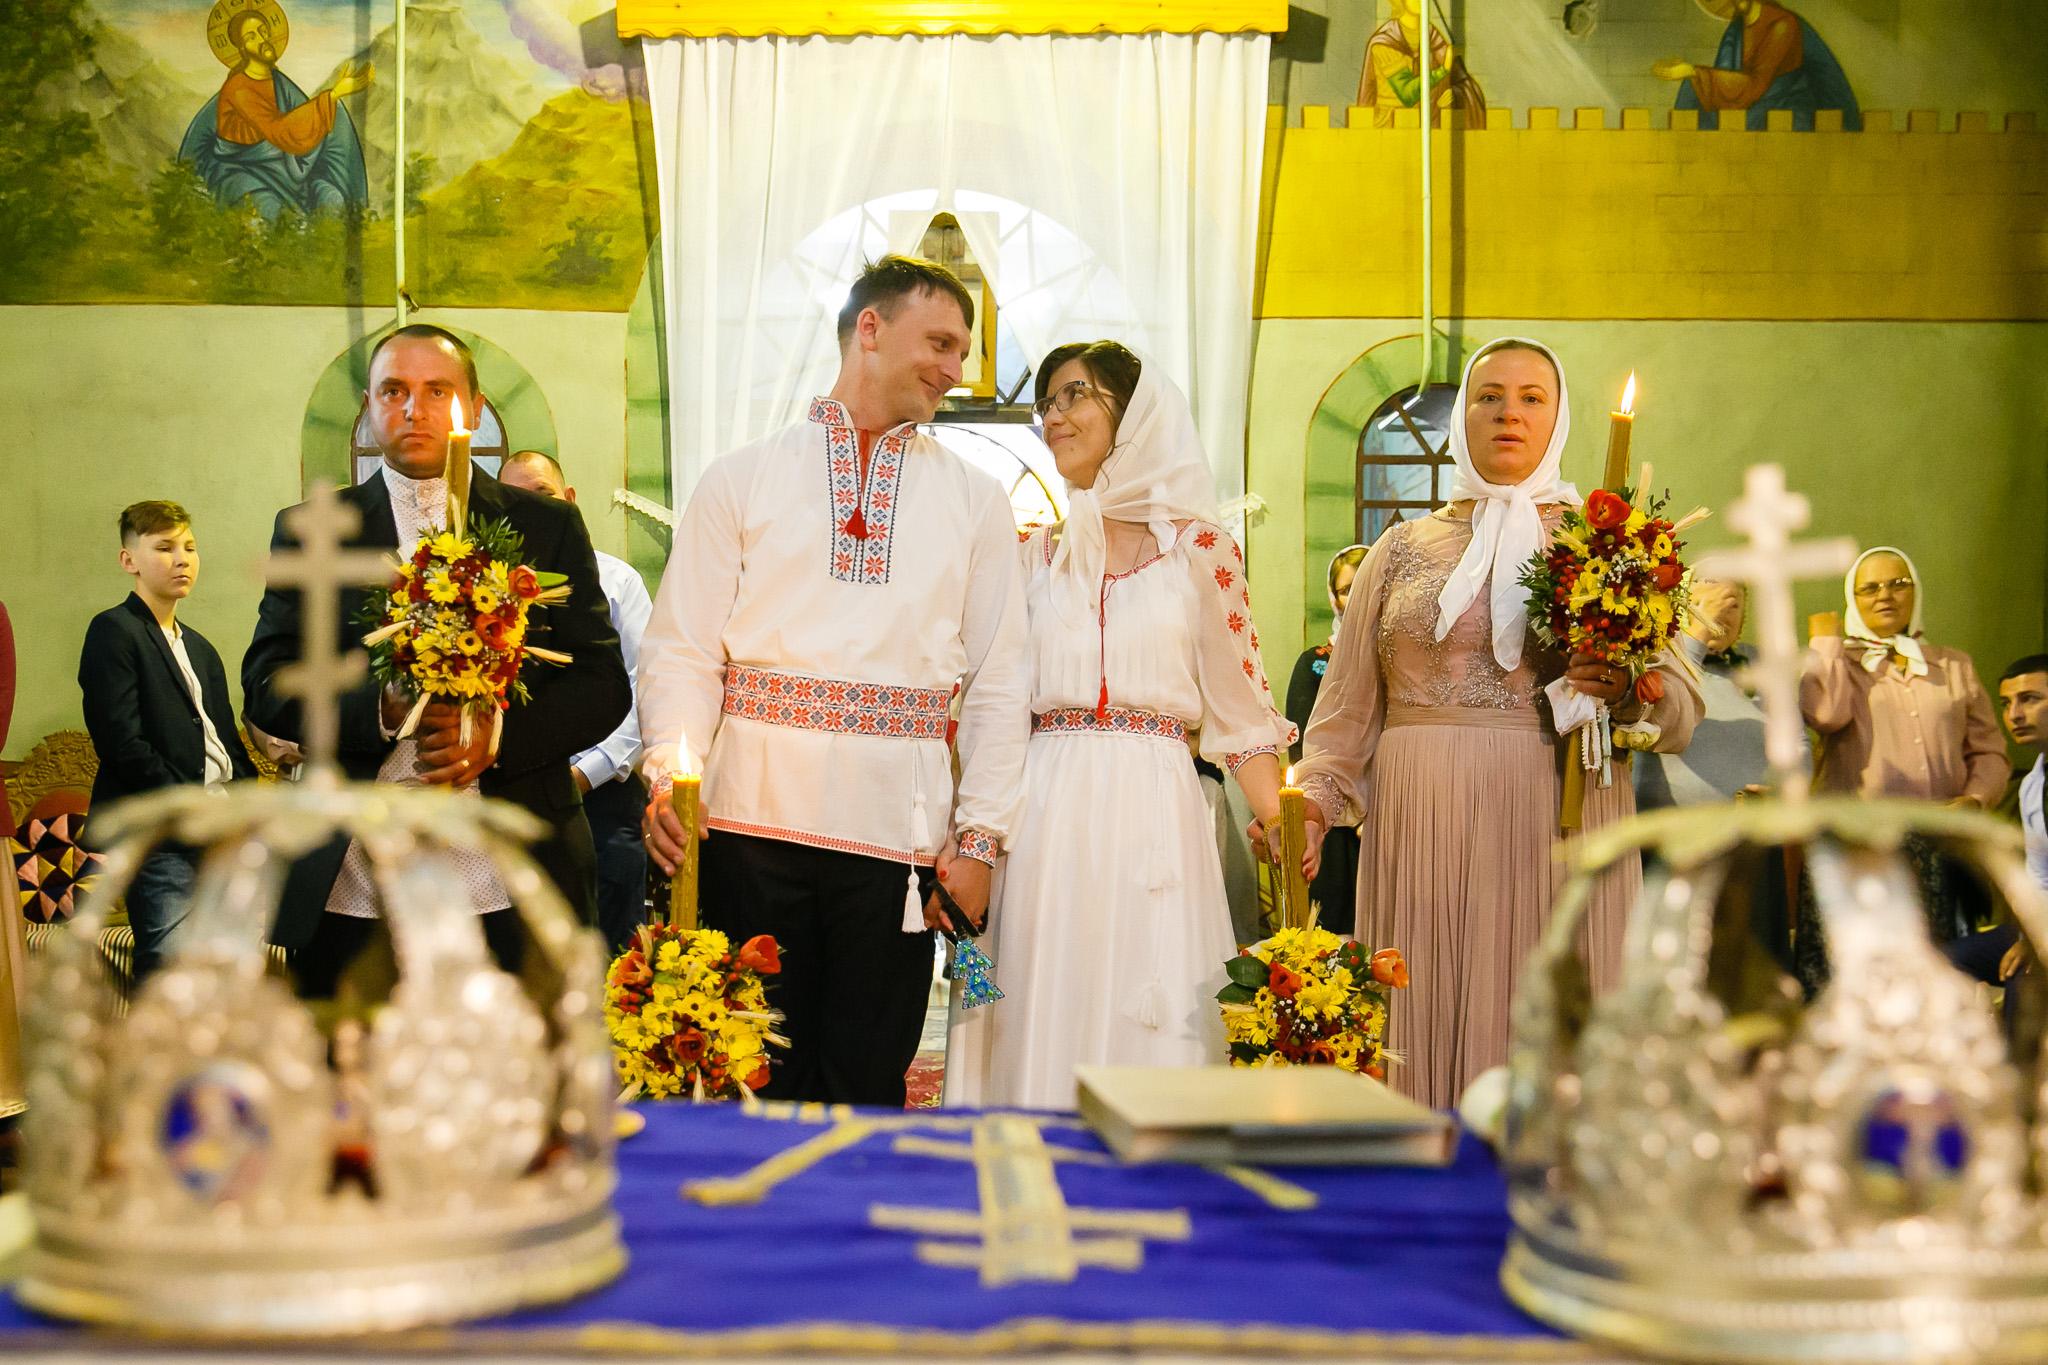 Nuntă tradițională Elisabeta și Alexandru fotograf profesionist nunta Iasi www.paulpadurariu.ro © 2018 Paul Padurariu fotograf de nunta Iasi cununia religioasa